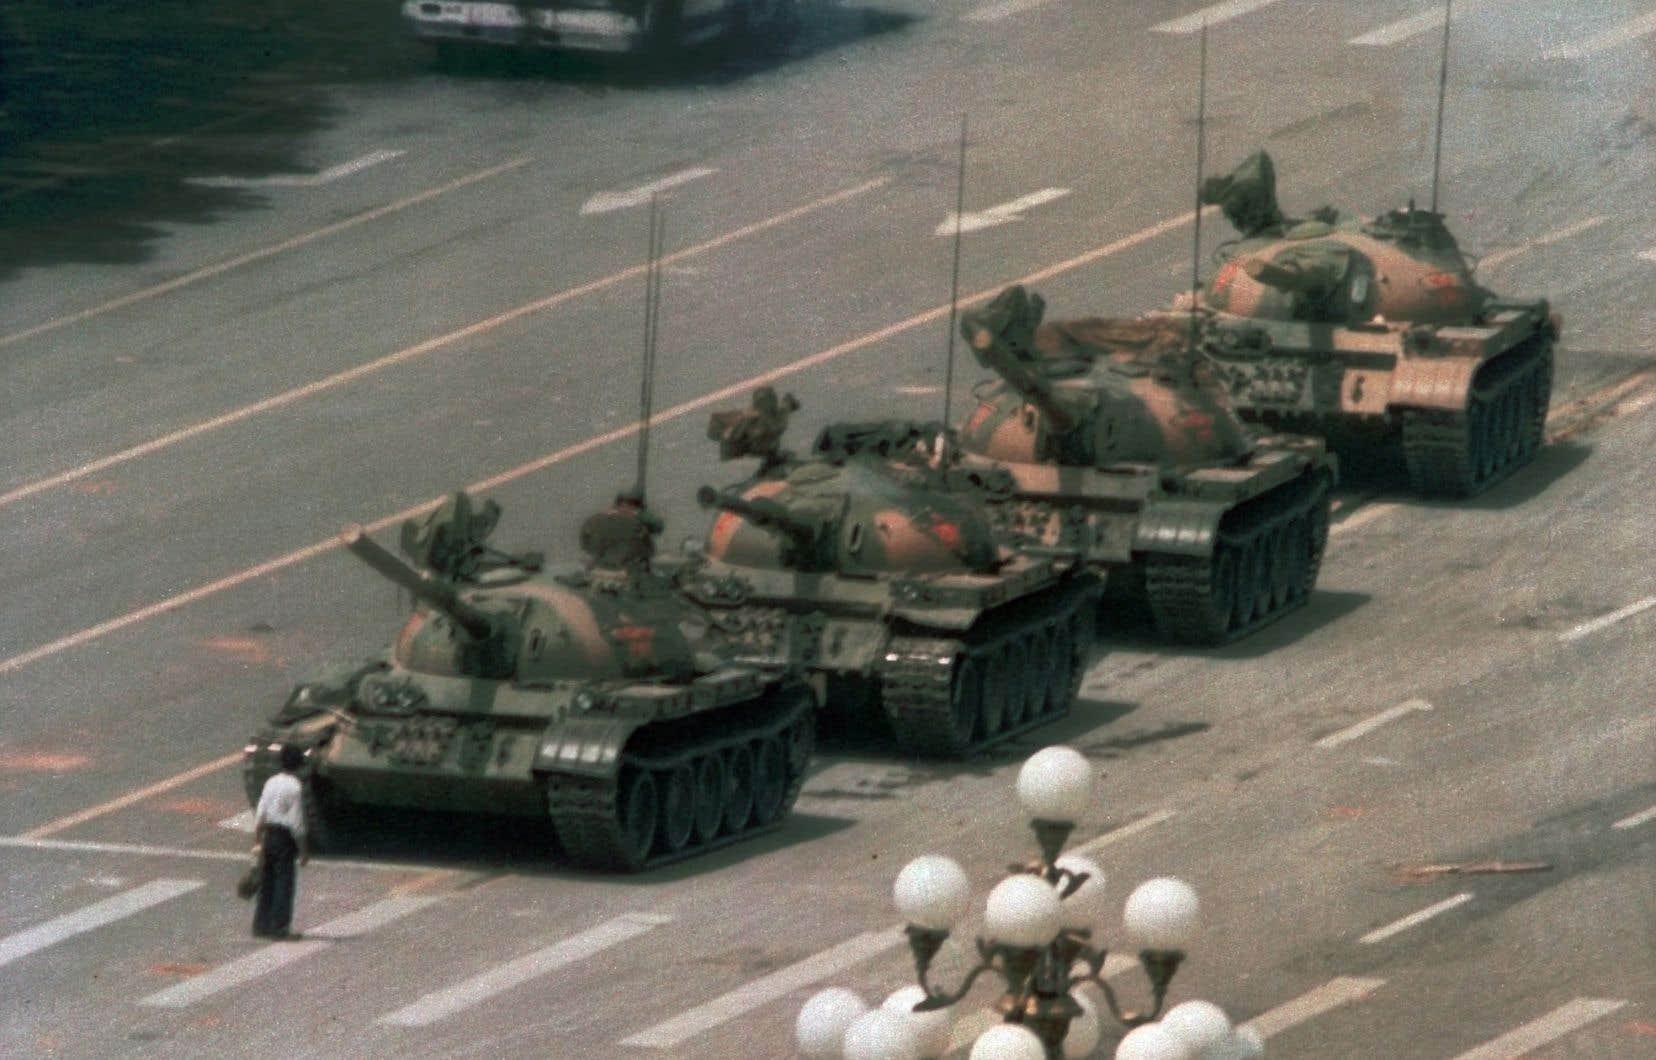 Le photographe Jeff Widener a produit le plus célèbre cliché de cette scène survenue le 5juin 1989.